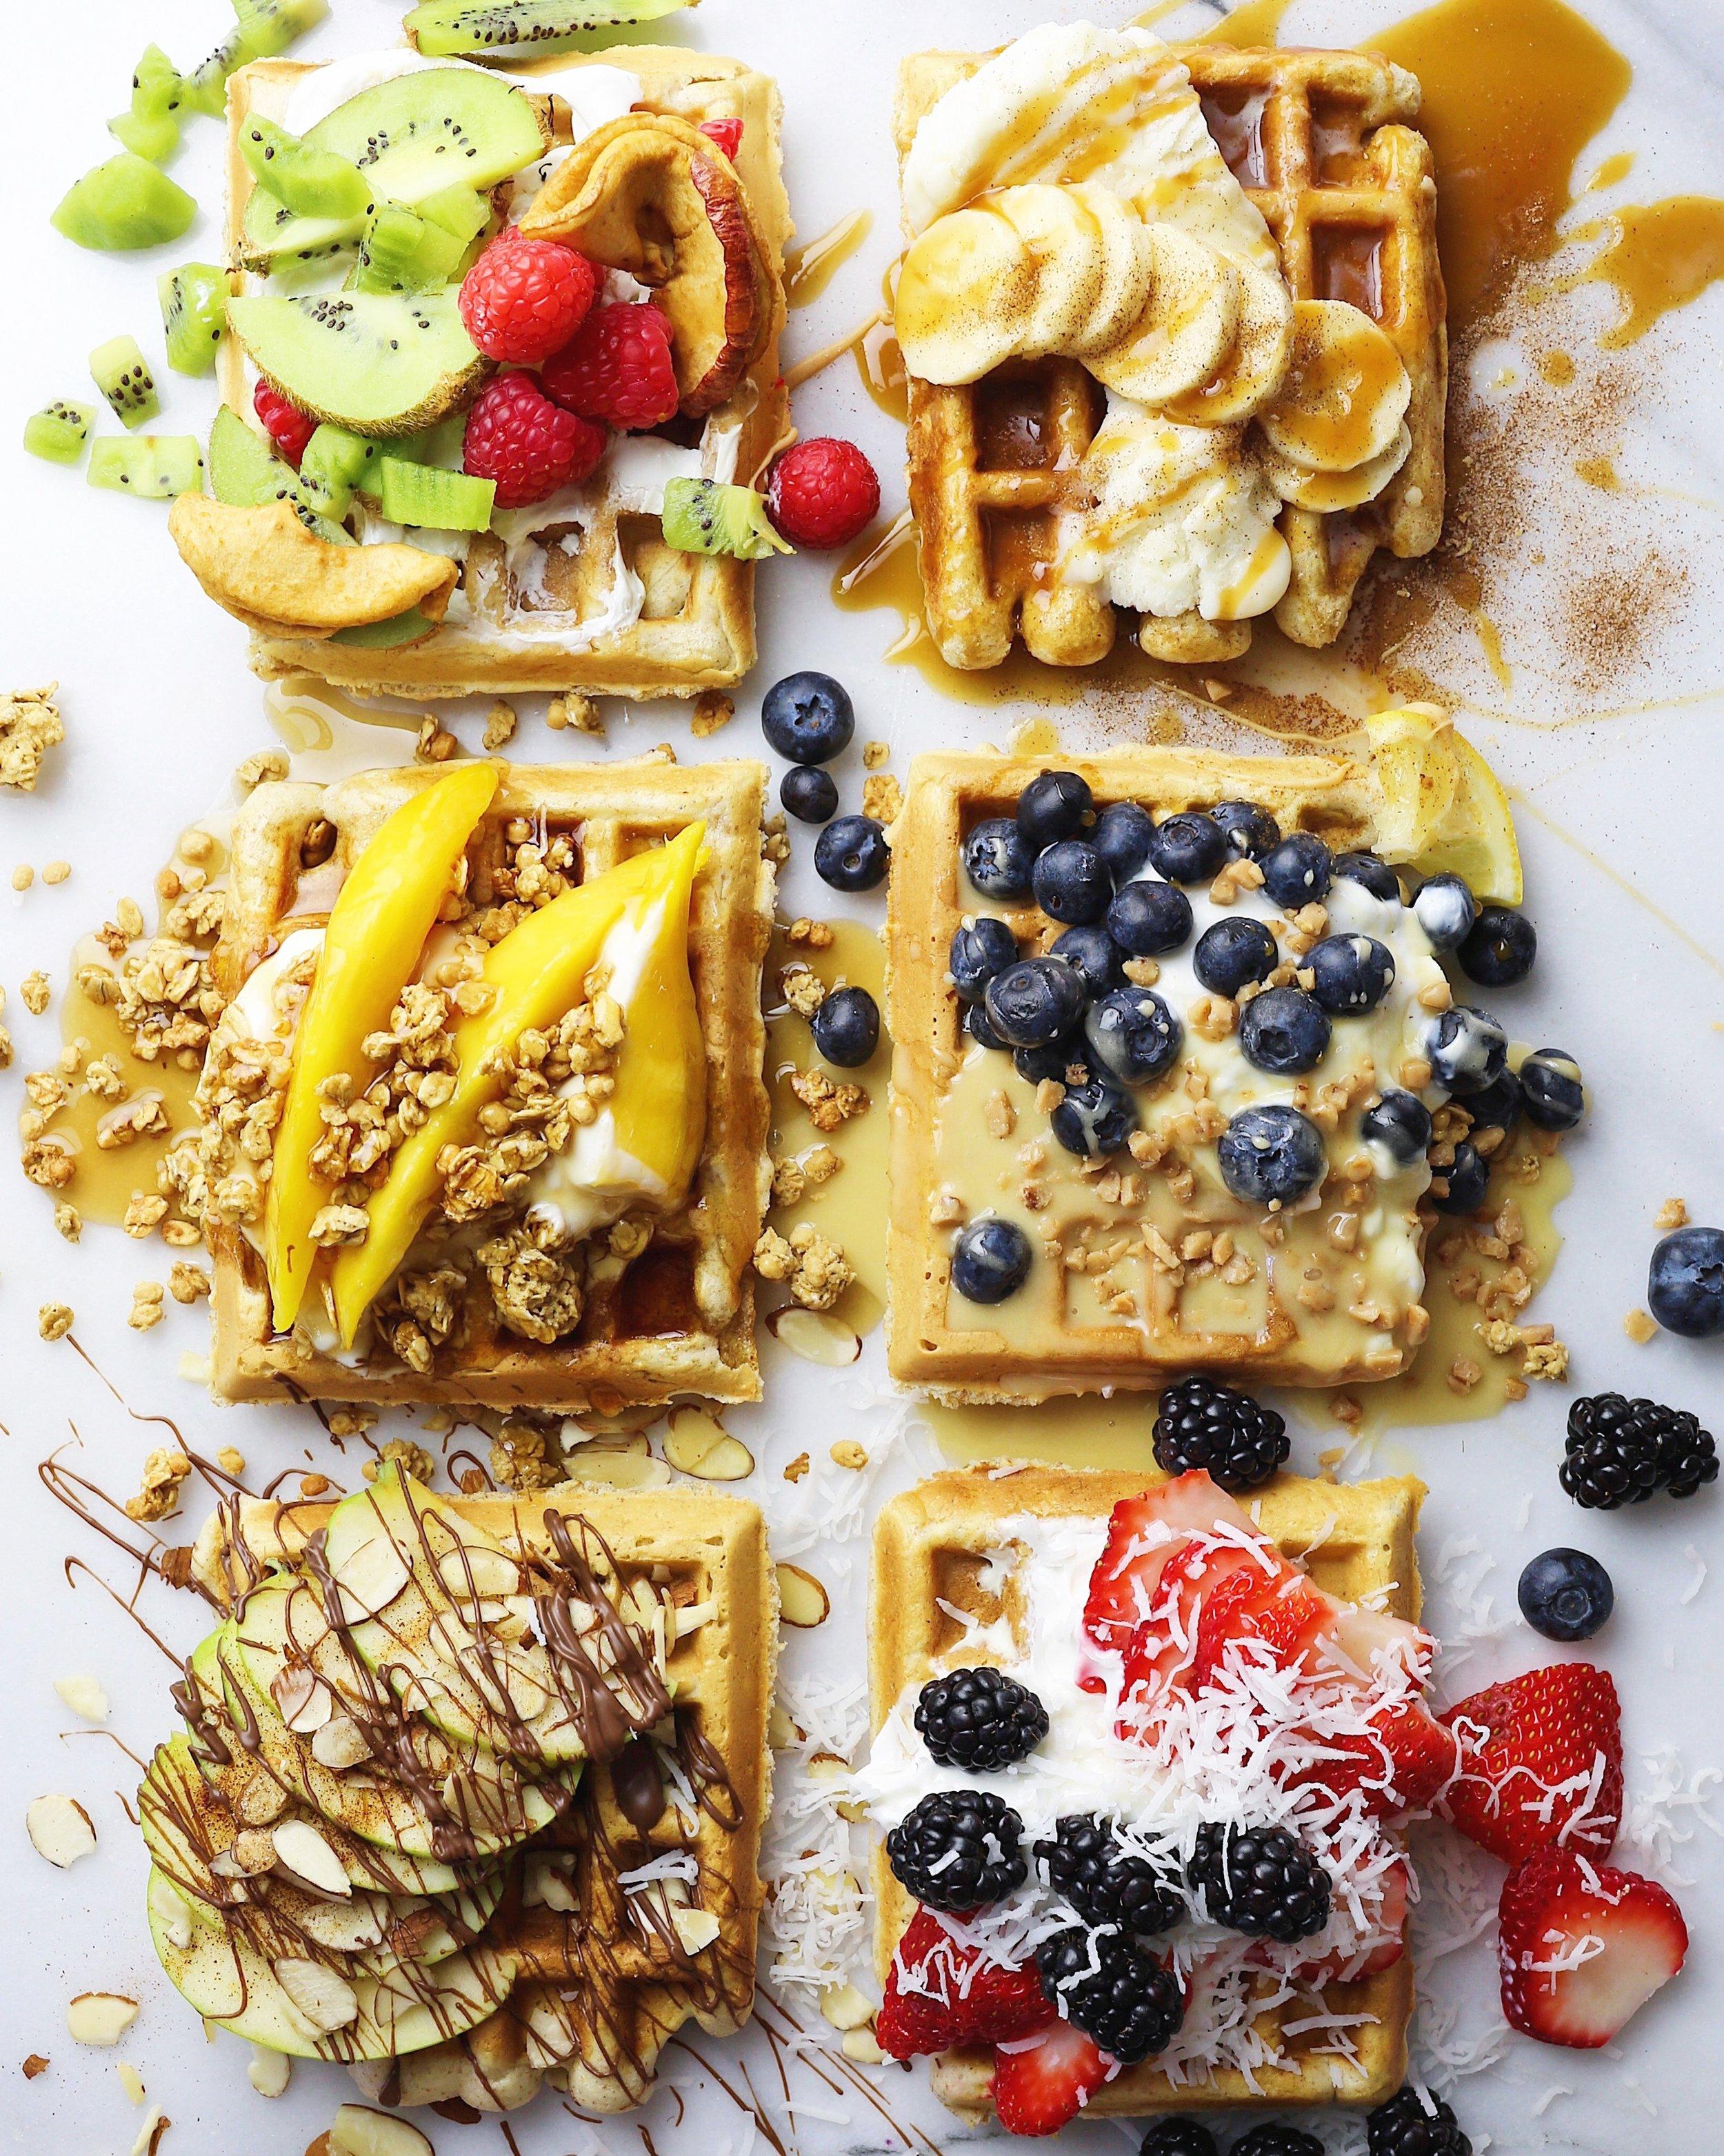 Waffles 6 Toppings.JPG